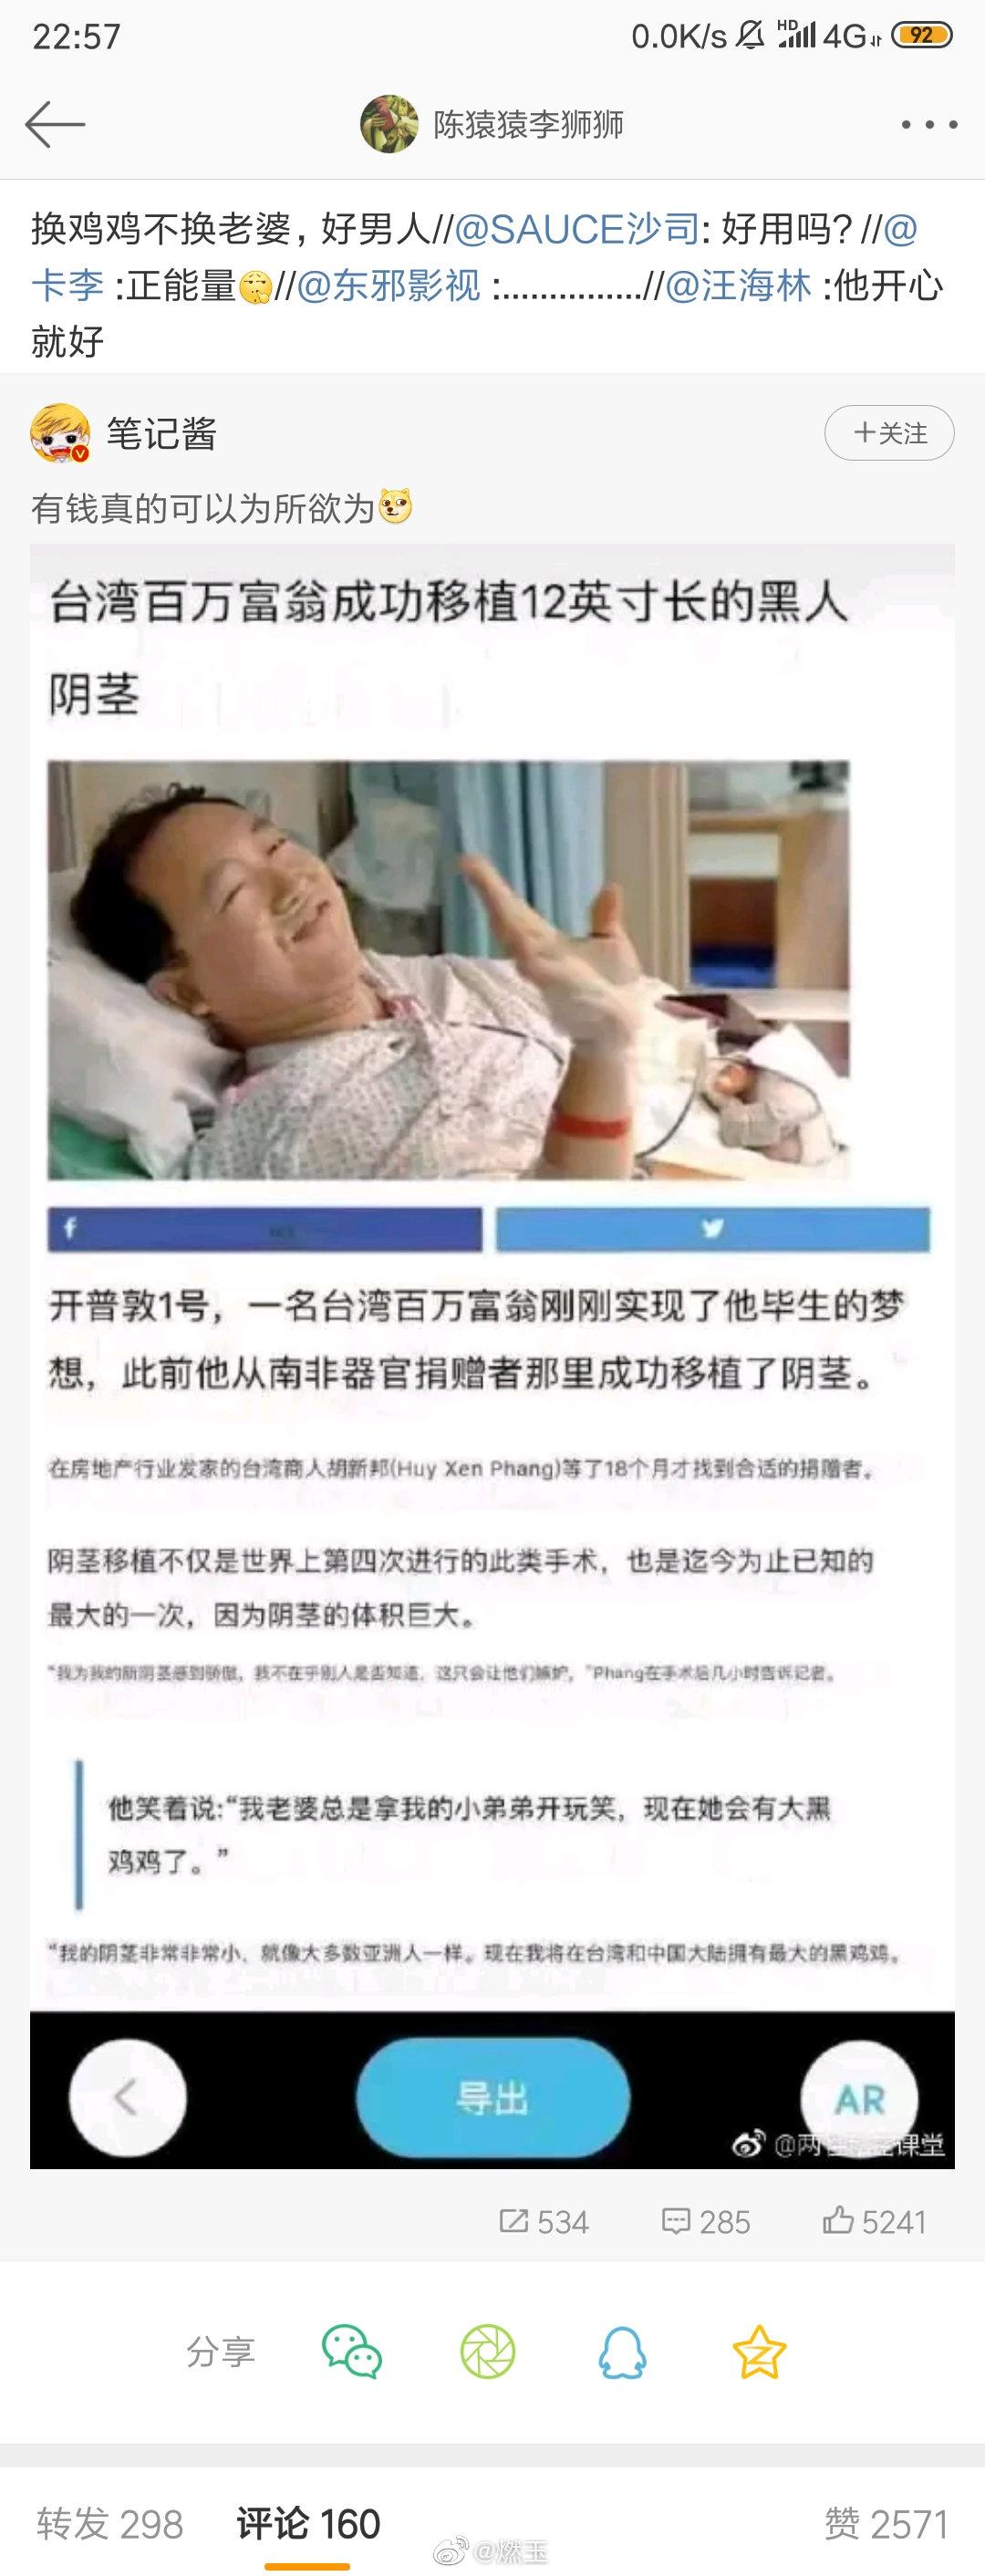 """""""台湾富商胡新邦移植12英寸阴茎""""(图1)是知名假新闻"""